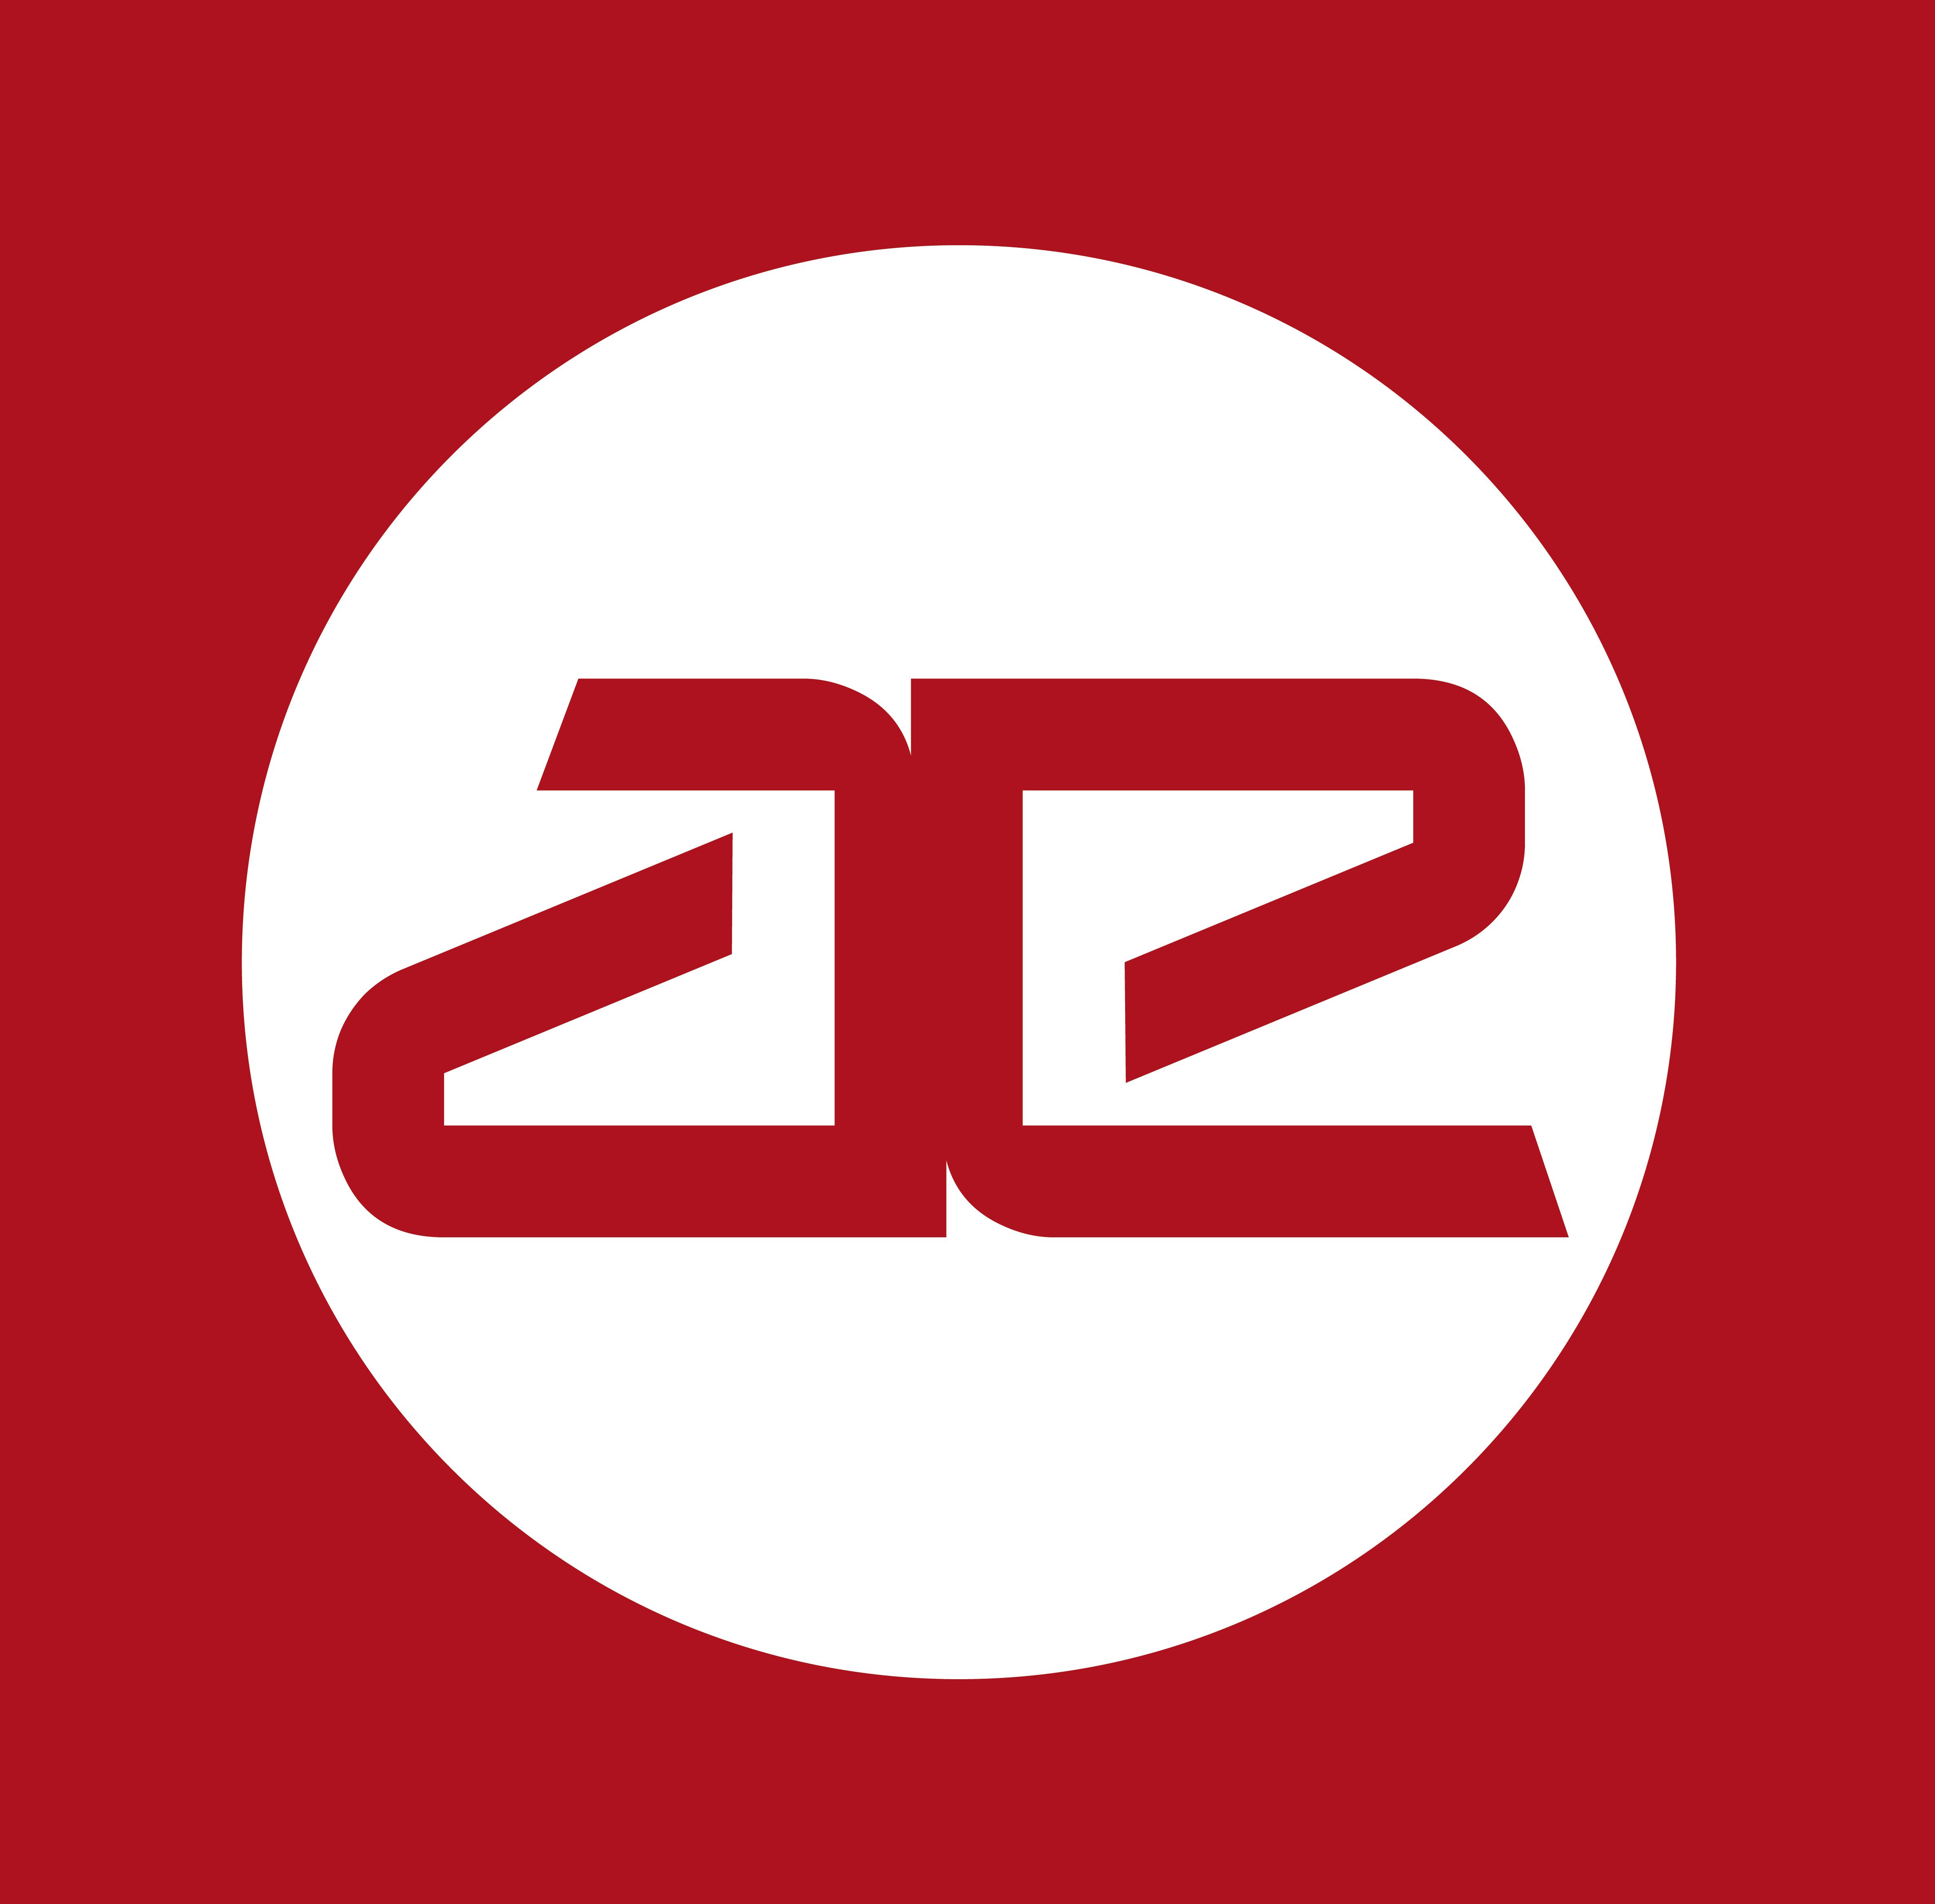 BLNC Weblock